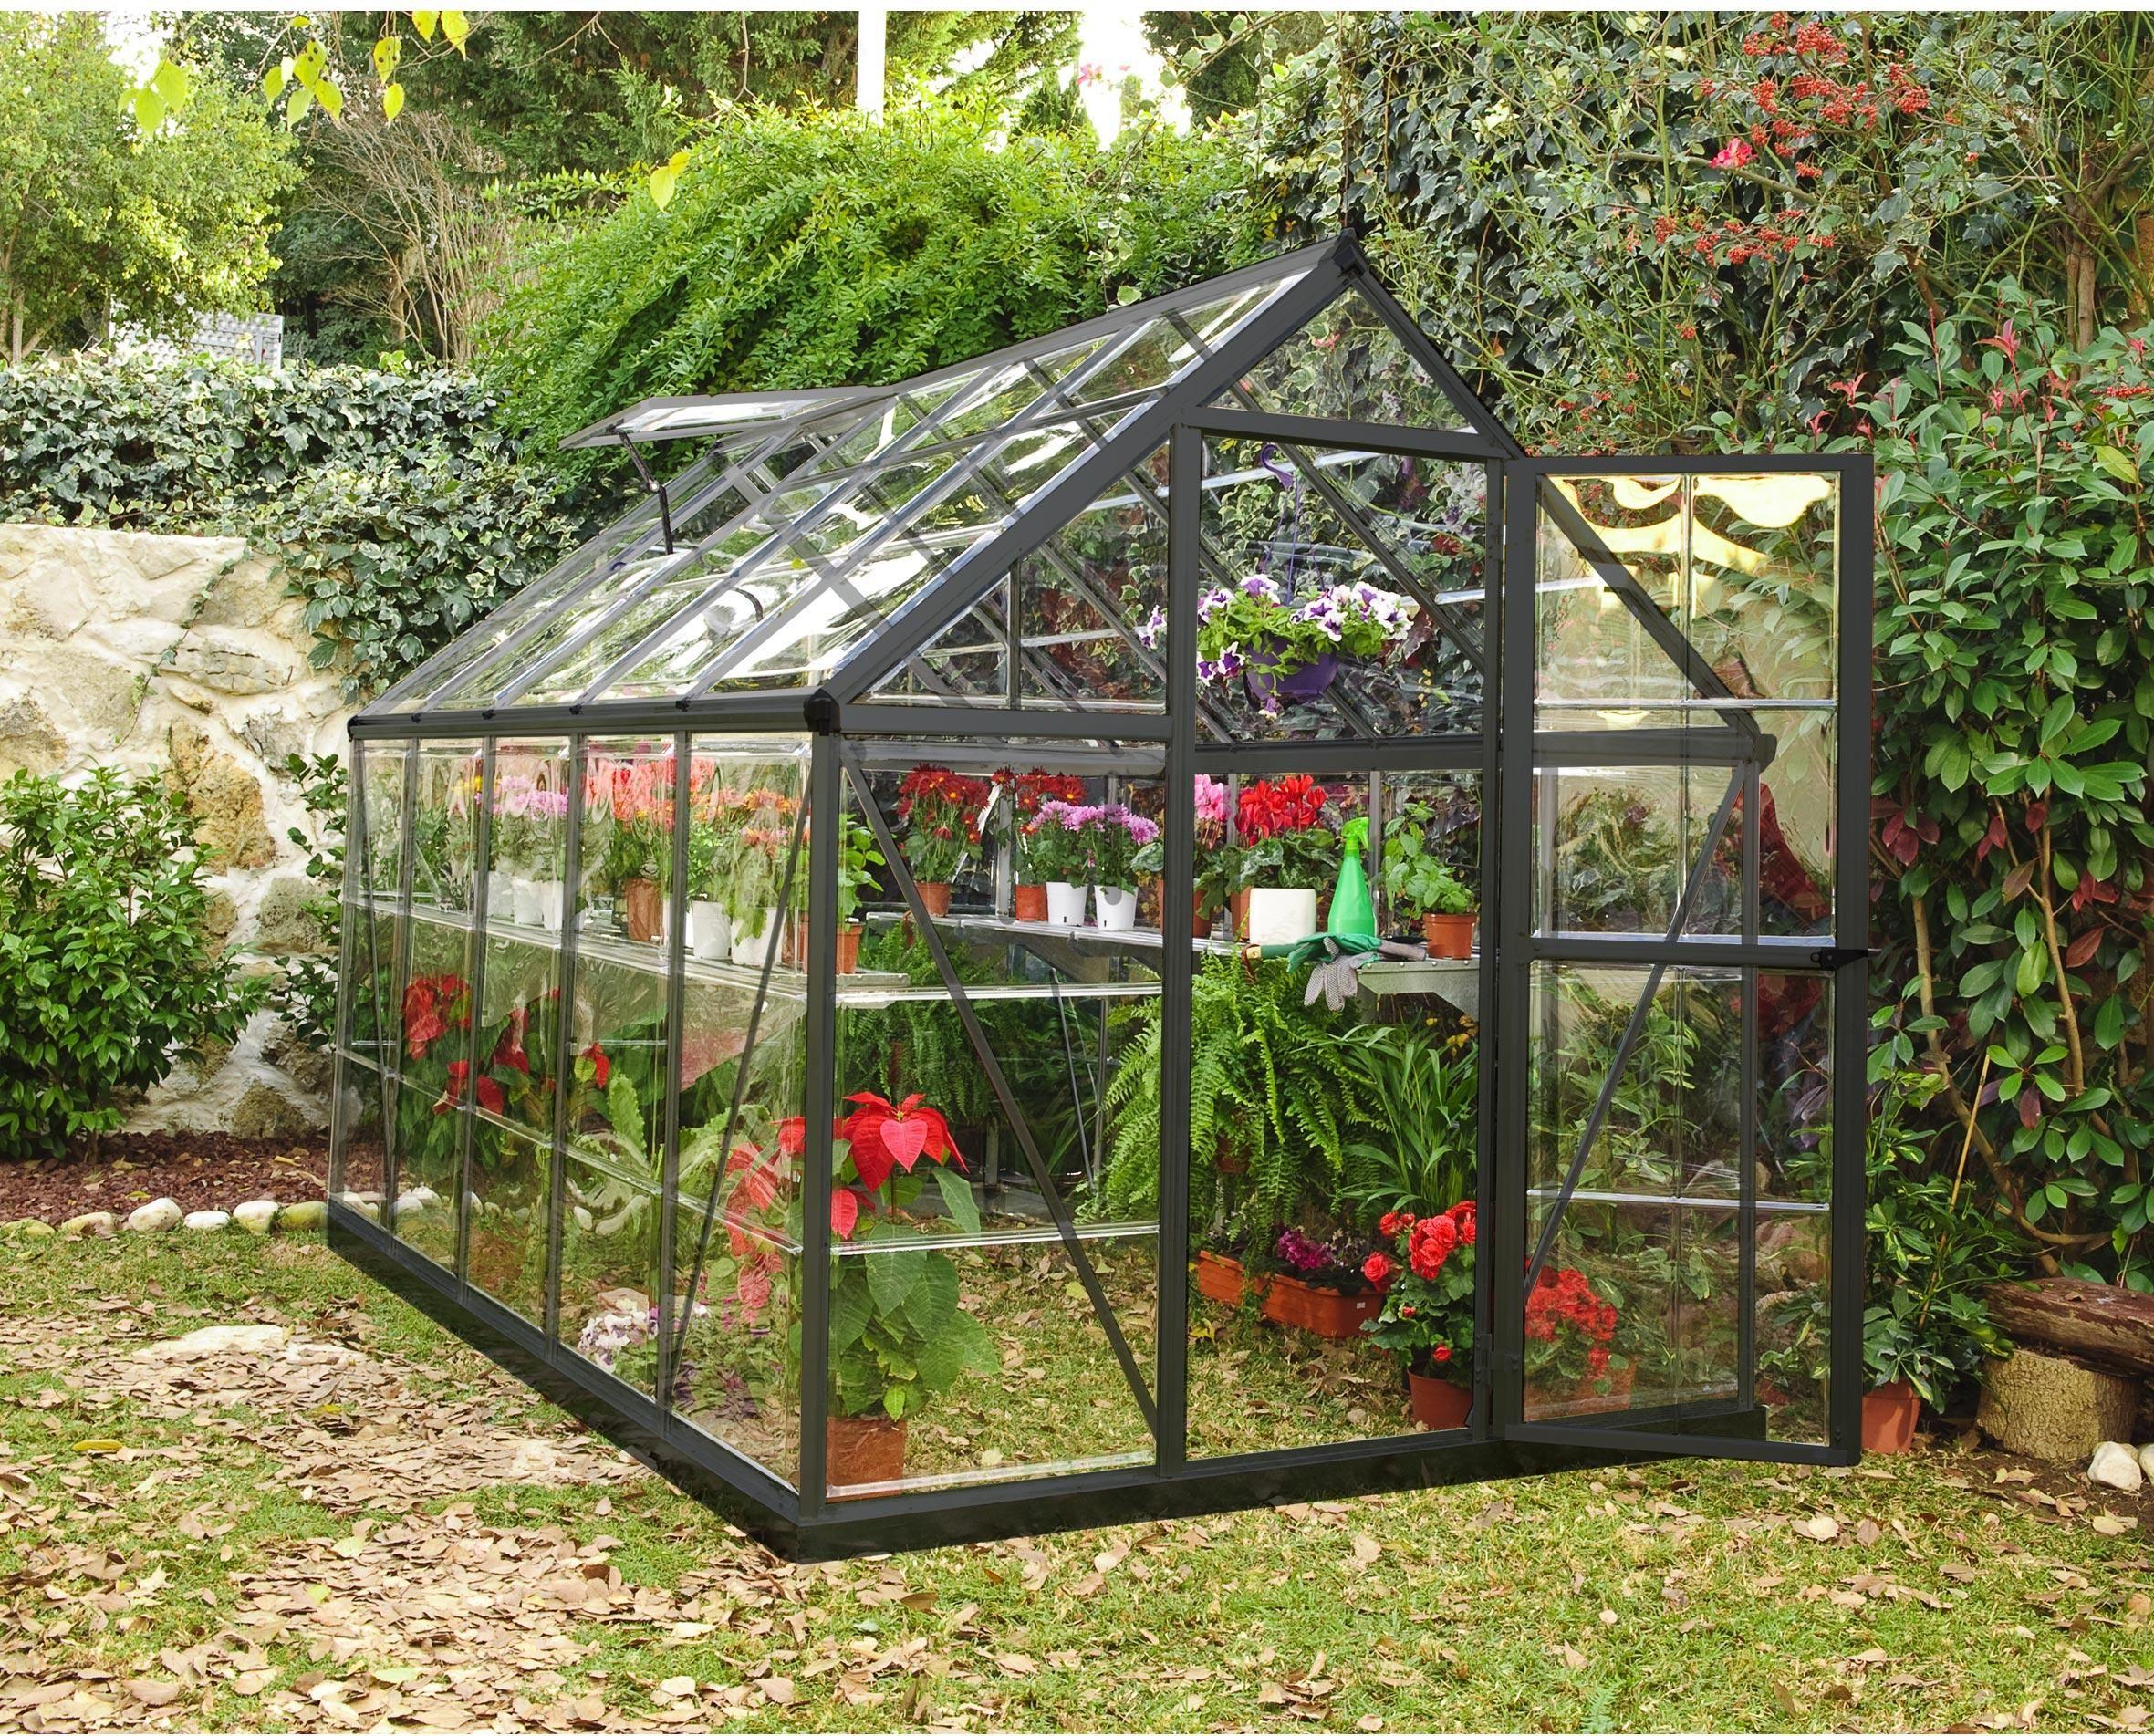 Serre De Jardin Alu Et Polycarbonate Palram Harmony, 5.6 M² ... destiné Leroy Merlin Serre De Jardin